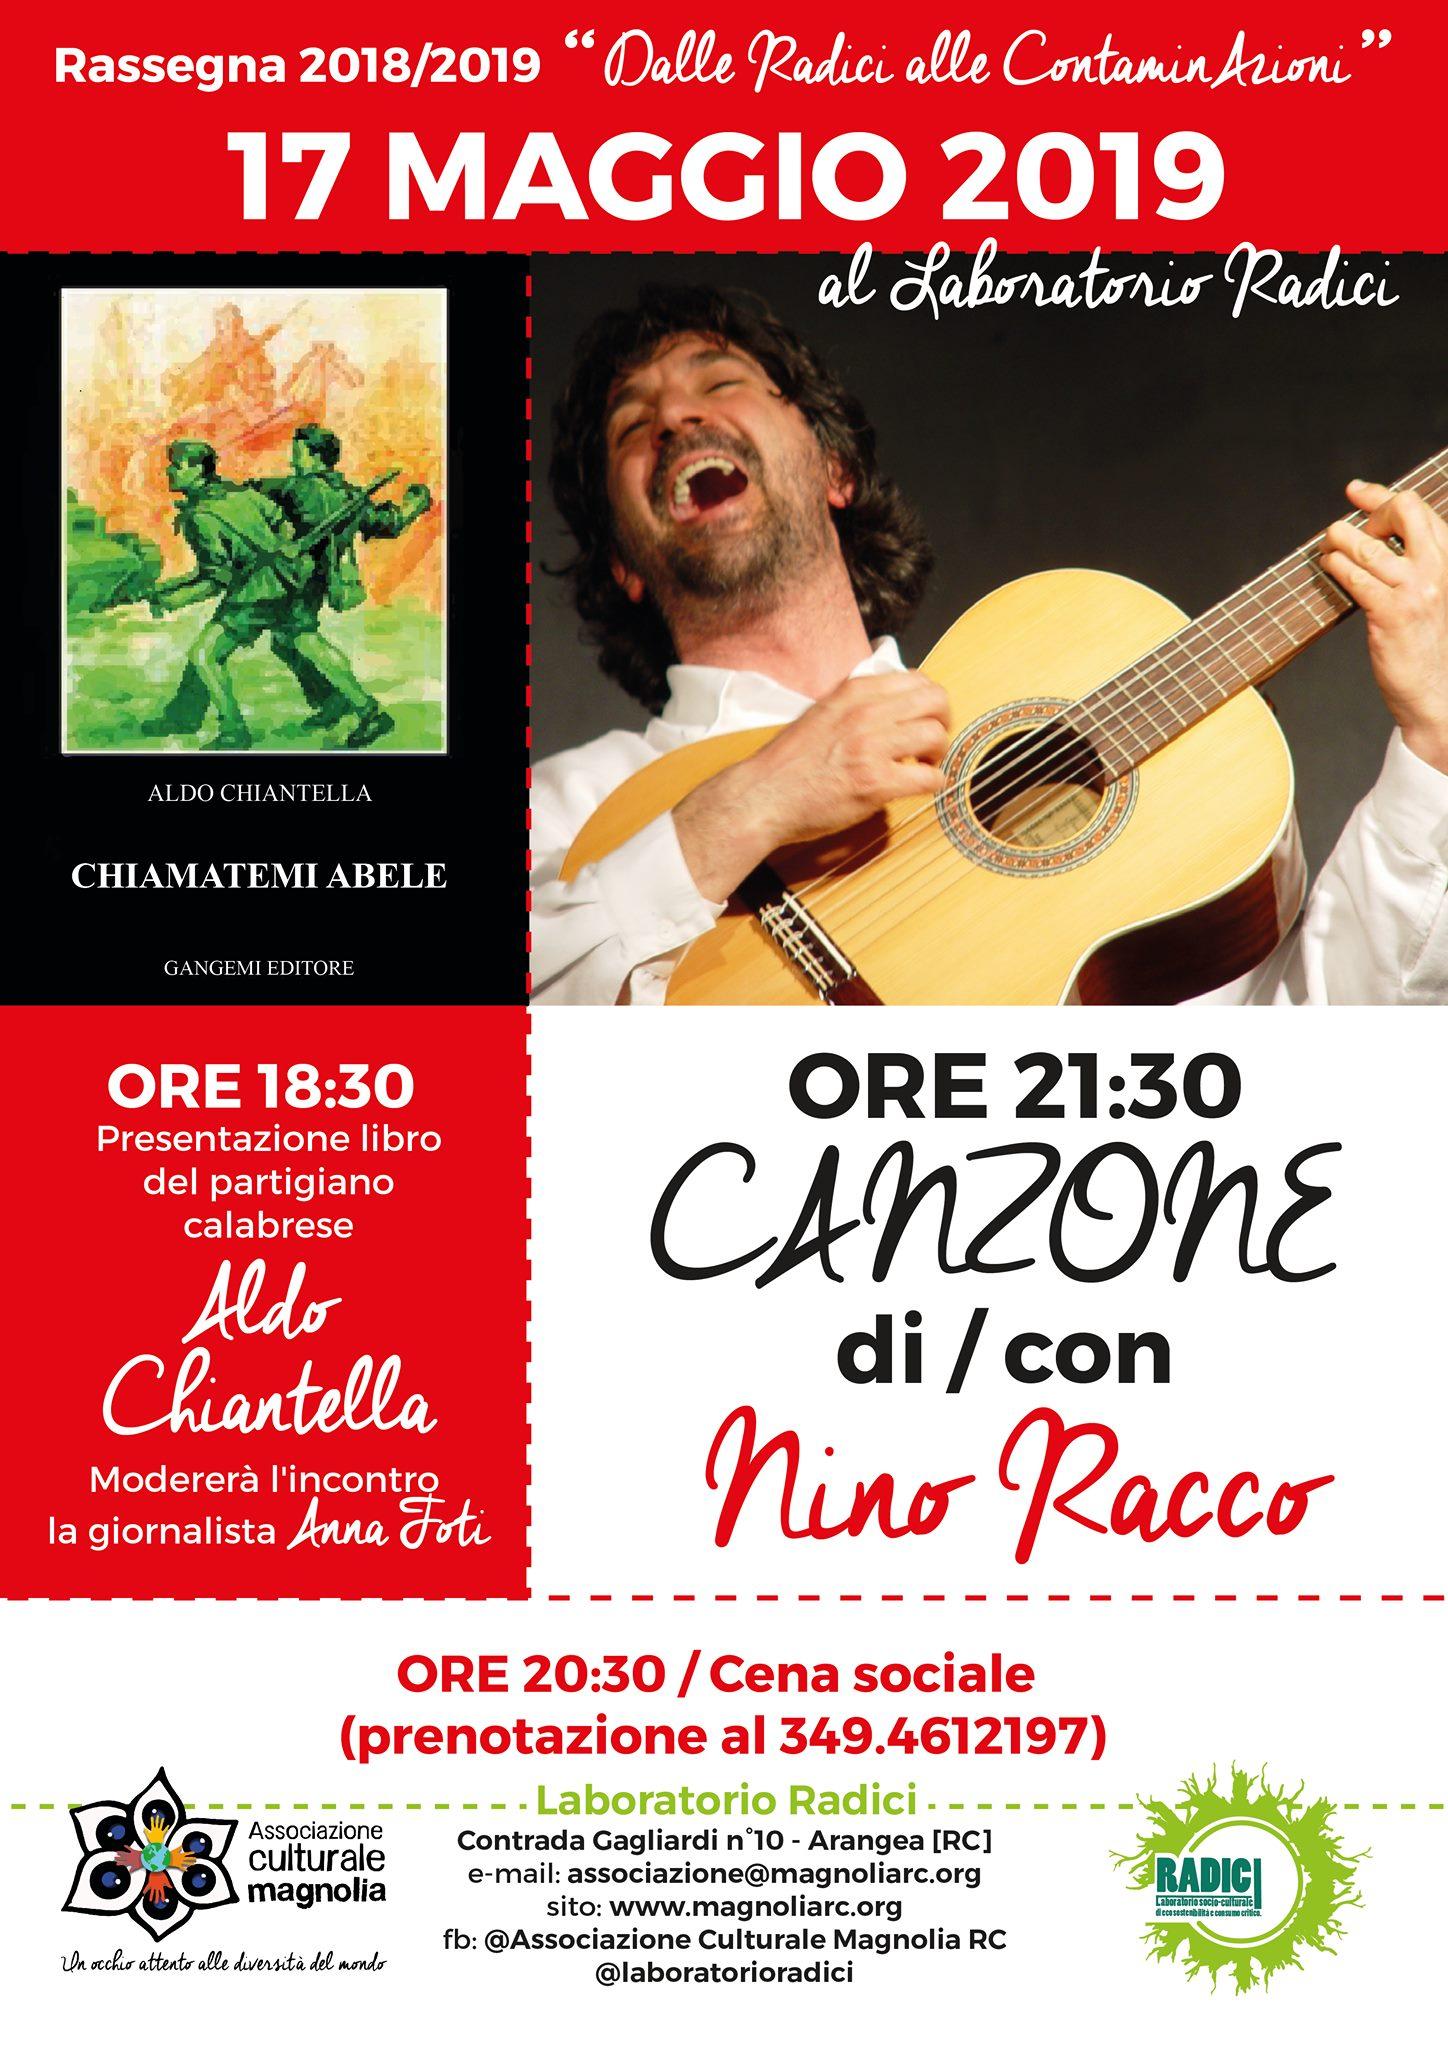 Canzone di Nino Racco